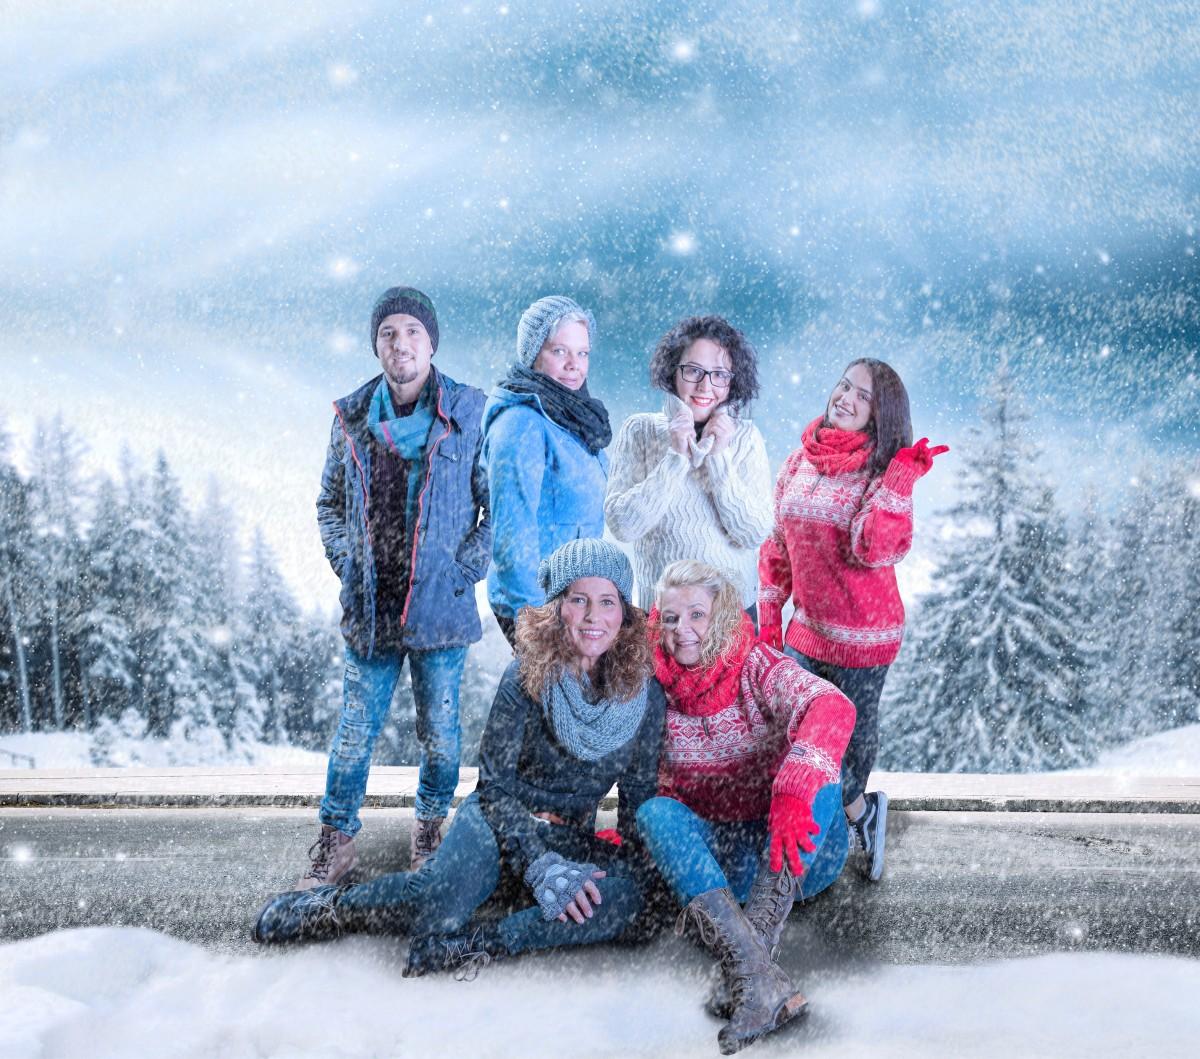 Hendrich - Design & Fotografie - Mitarbeiter Weihnachtsbild